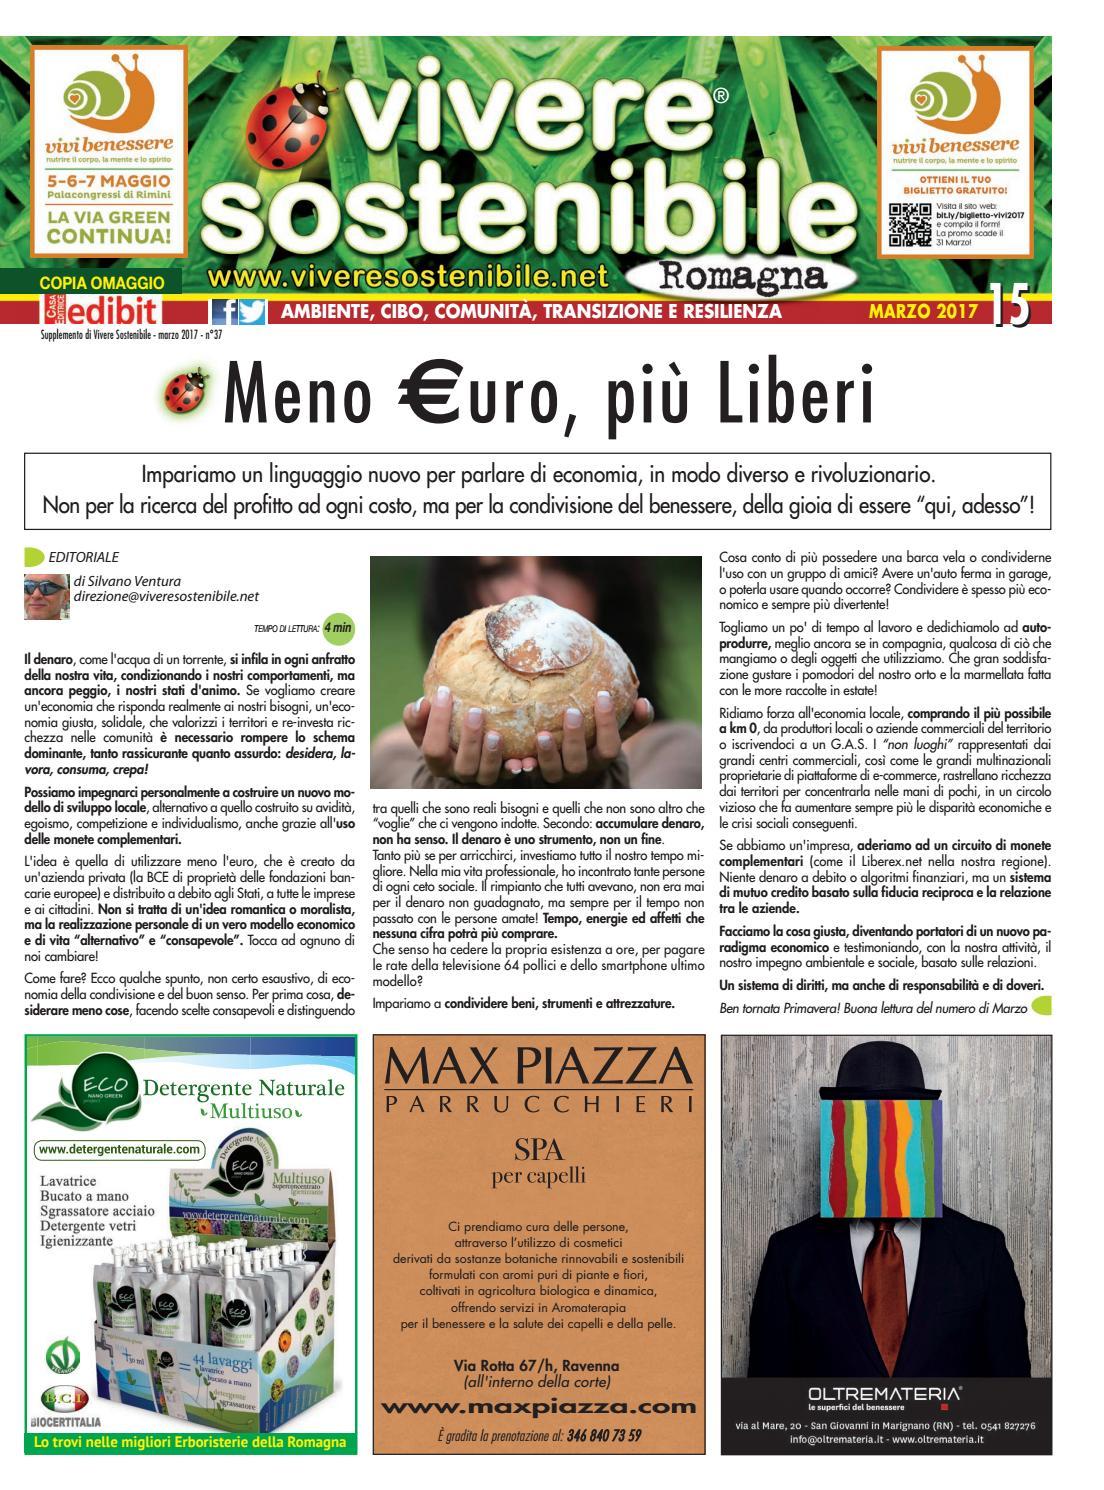 Vivere Sostenibile In Romagna N 15 Marzo 2017 By